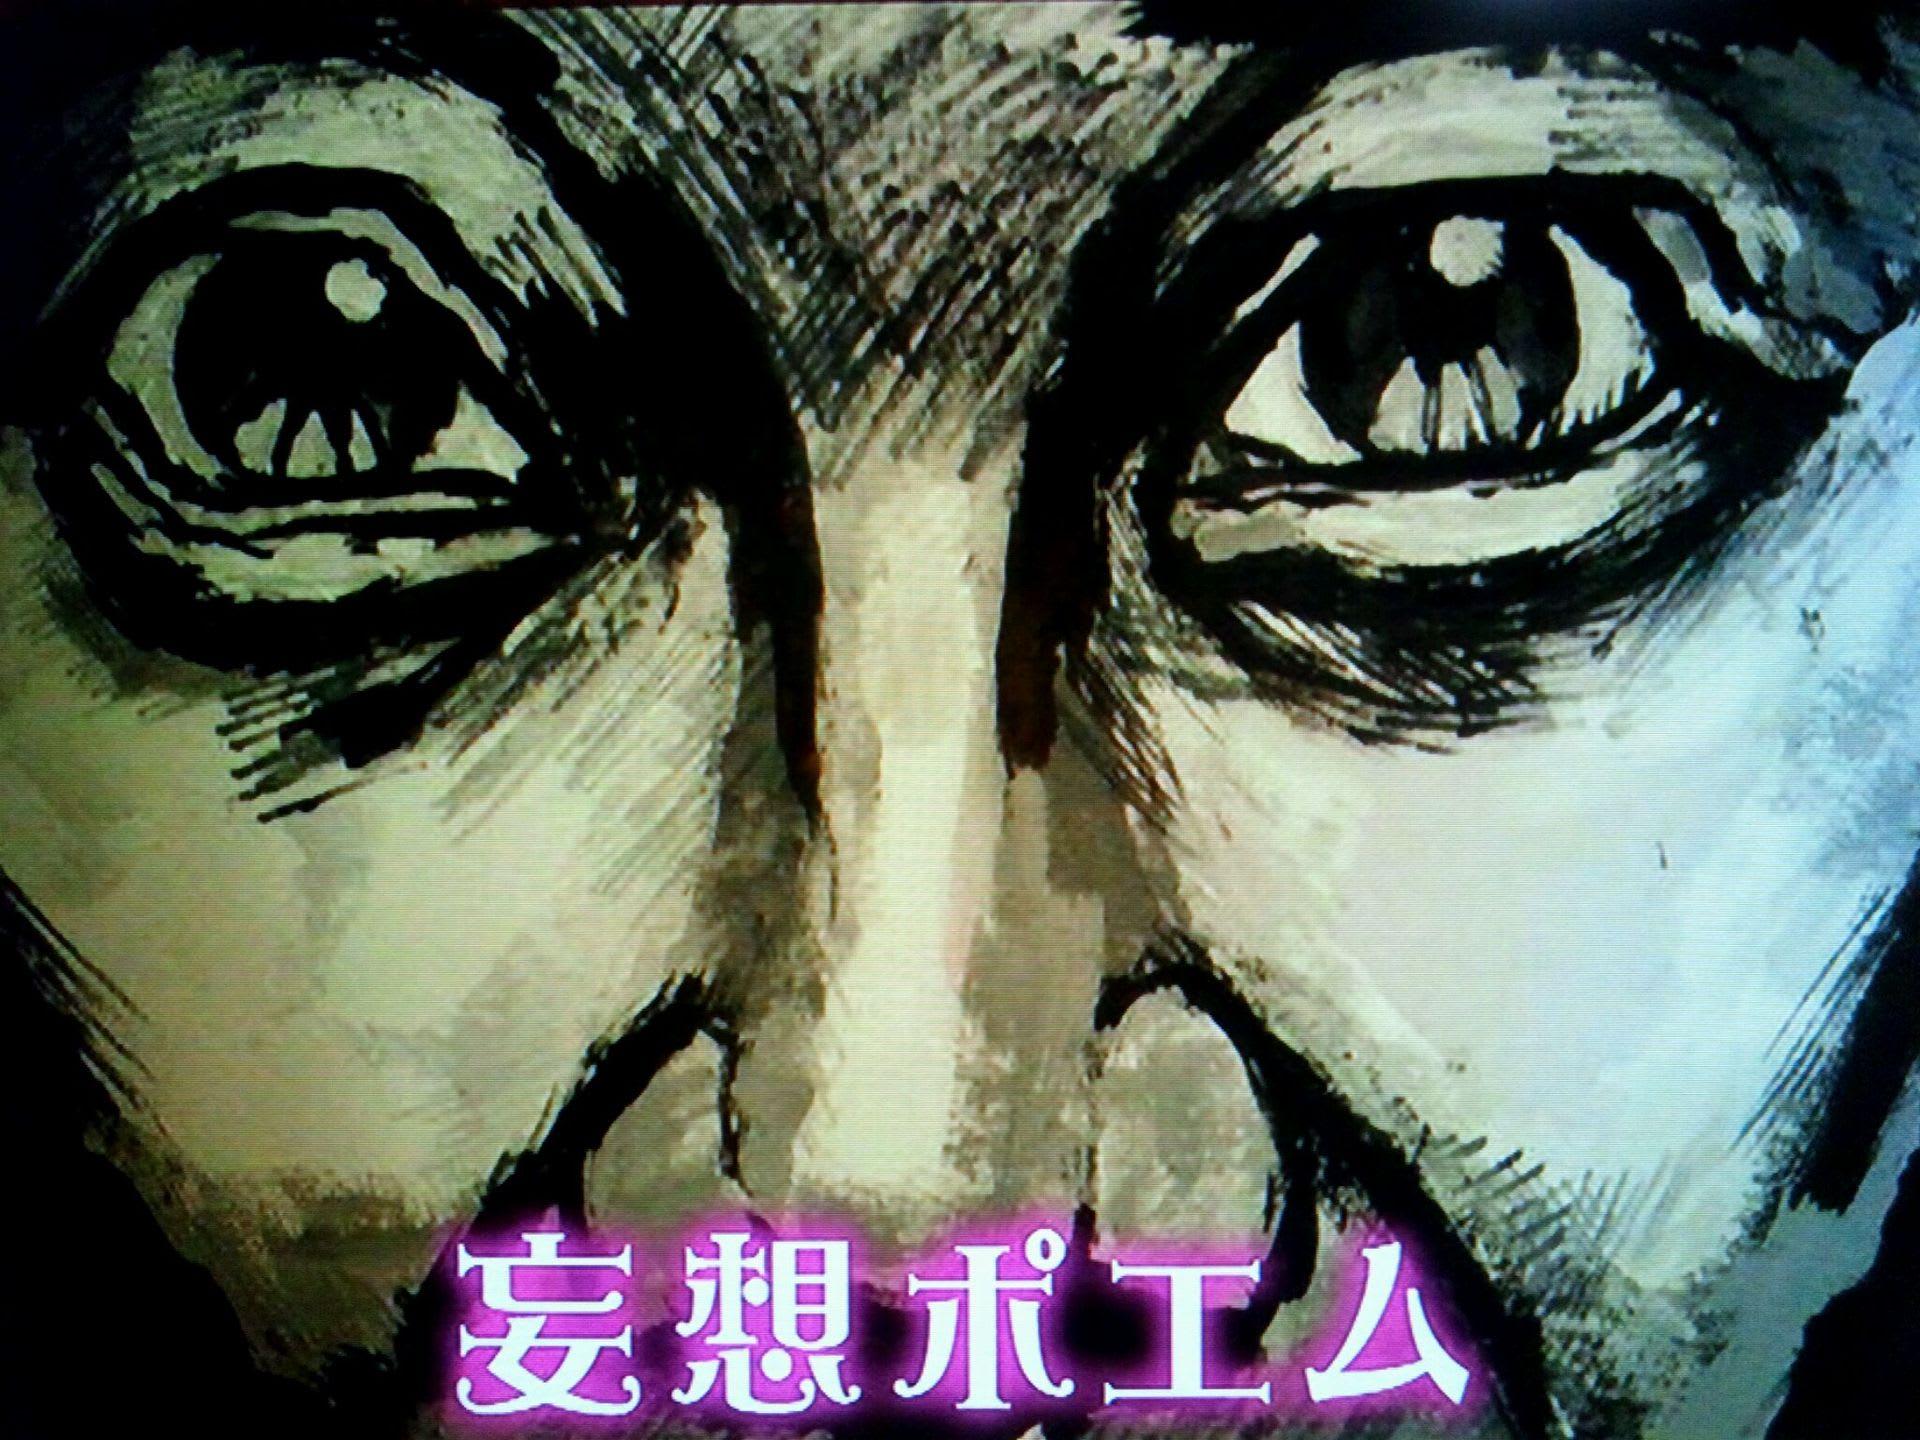 http://blogimg.goo.ne.jp/user_image/37/7d/443b4058131e38fc5da4355da75a6023.jpg